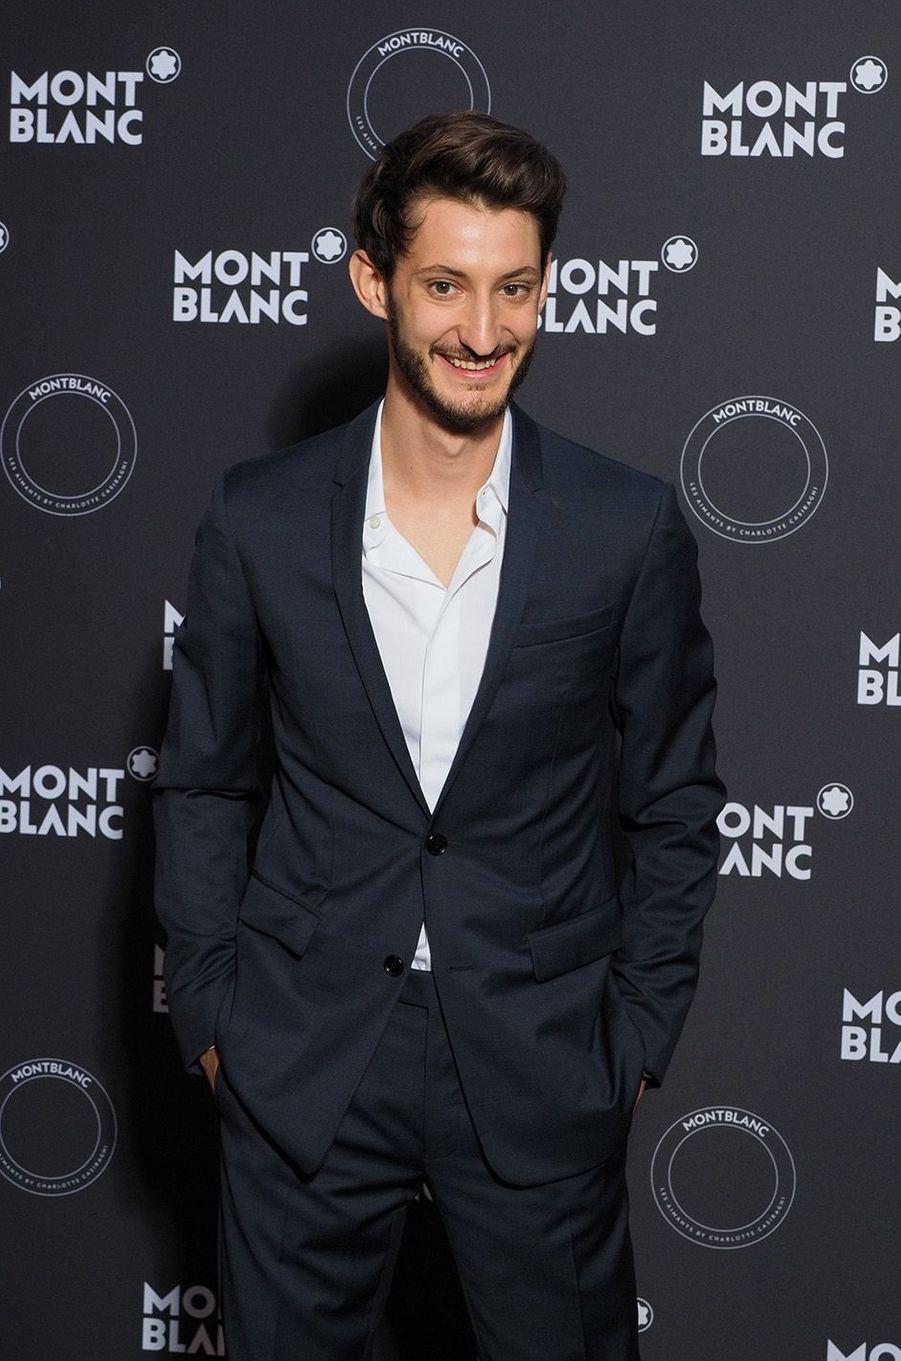 Pierre Niney à la soirée Montblanc à Cannes, le 16 mai 2018.